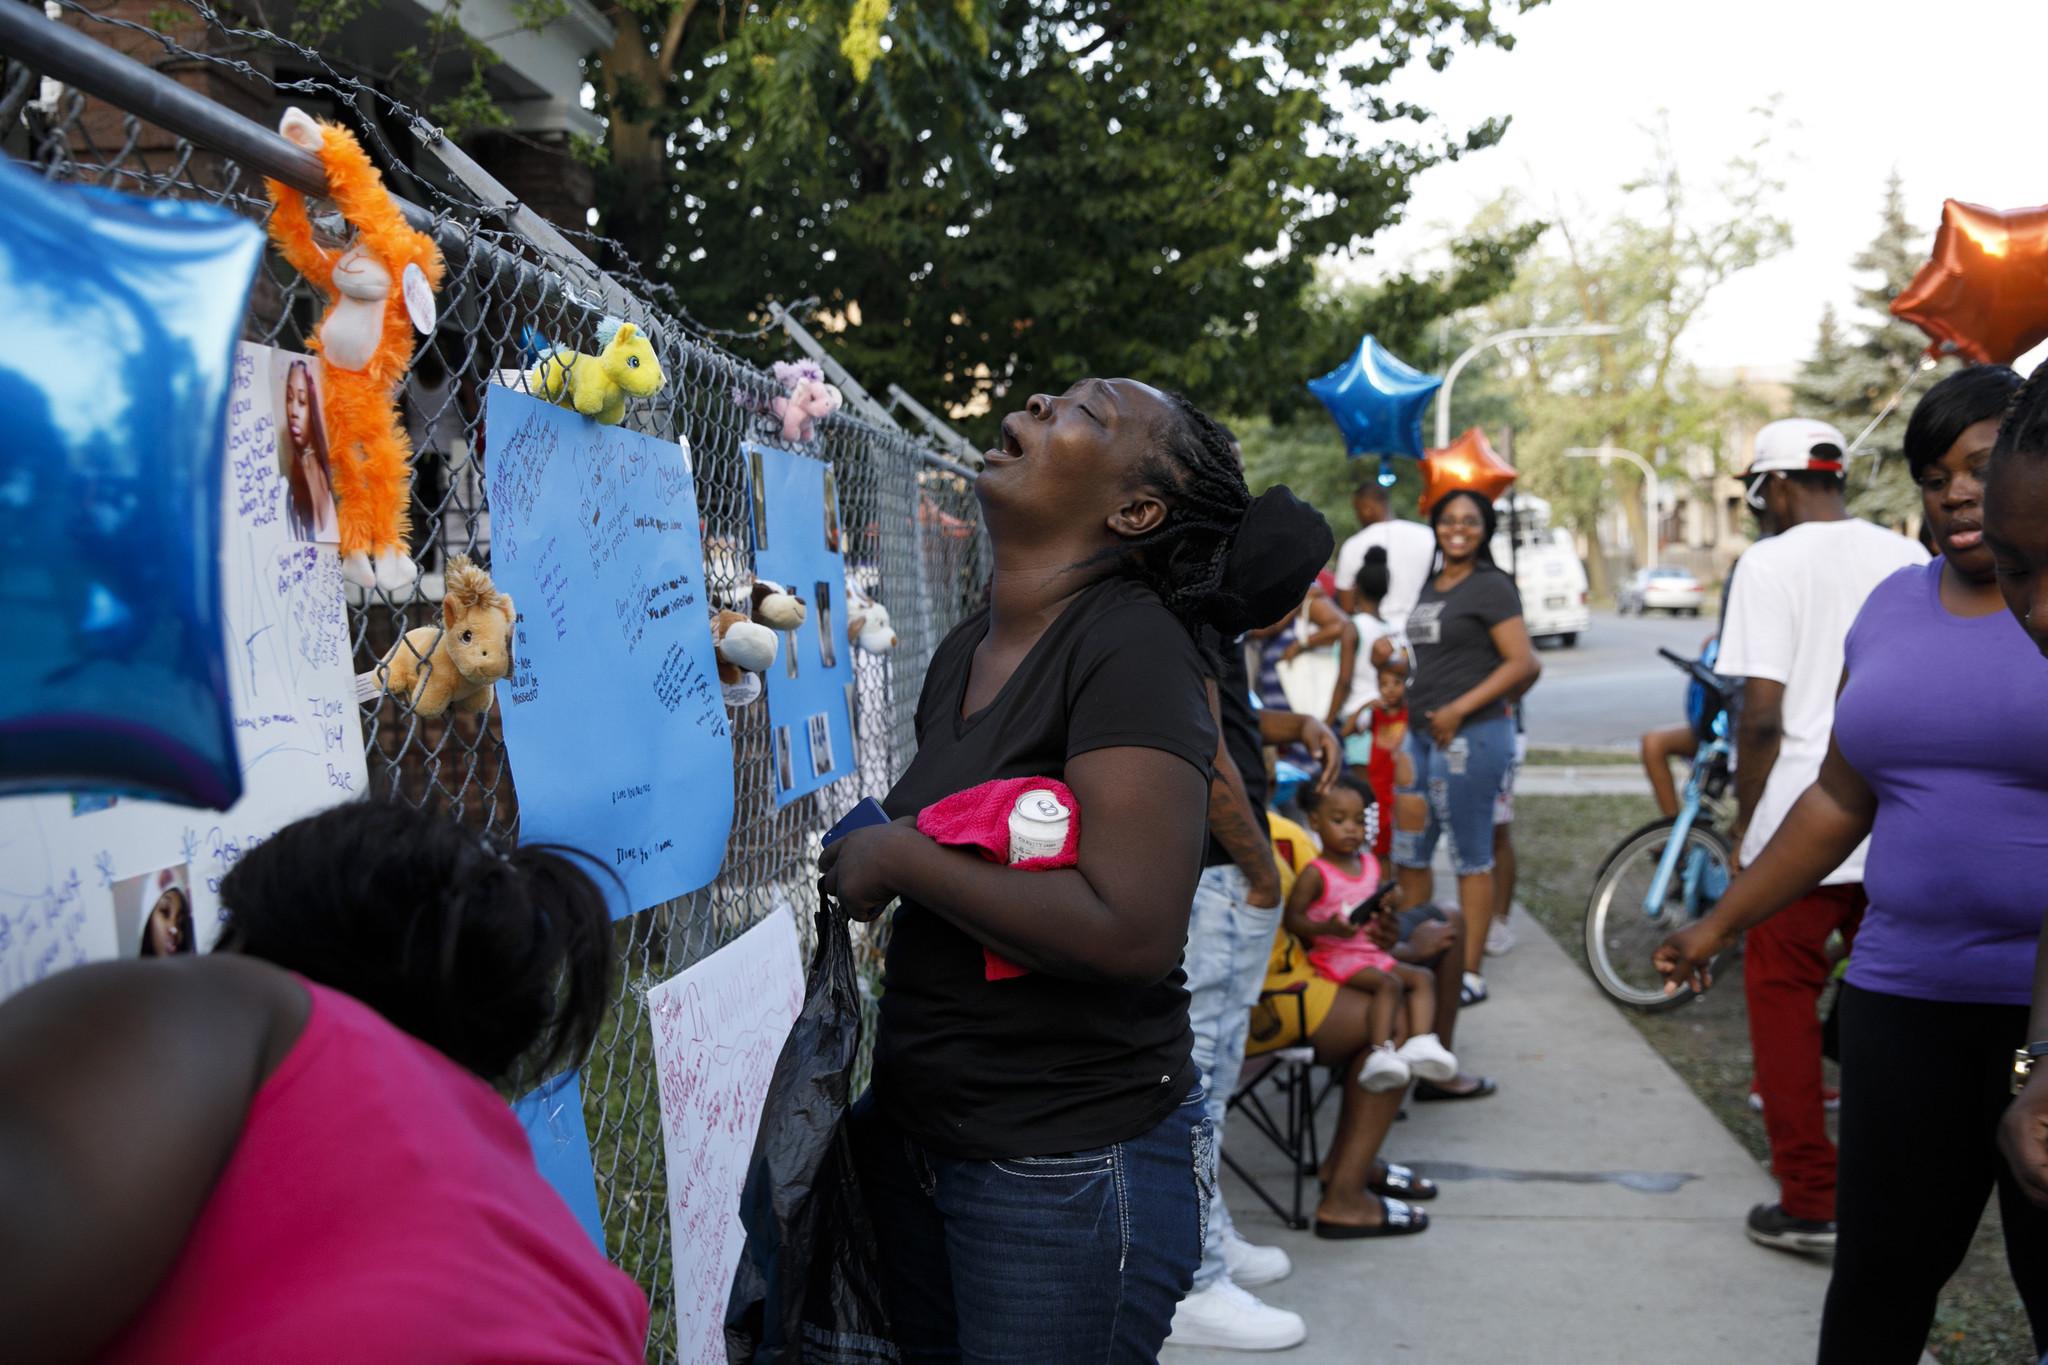 Familiares y conocidos lloran la muerte de Jahnae Patterson de 17 años. (Chicago Tribune)